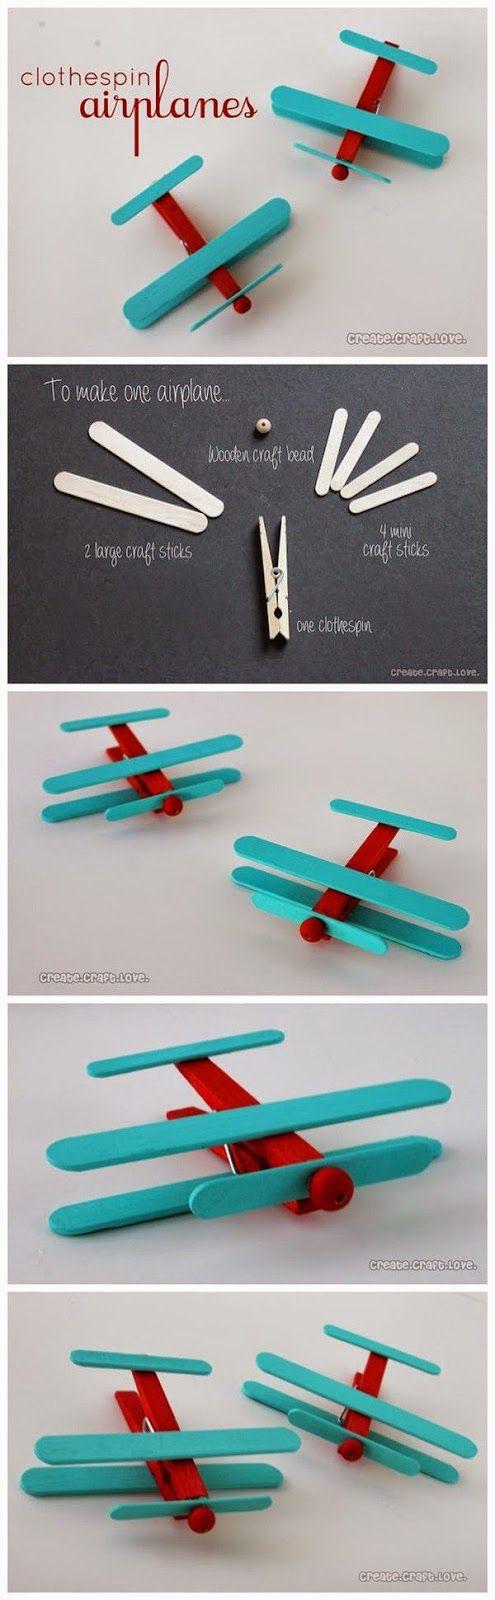 Okulöncesi Sanat ve Fen Etkinlikleri: Mandallar ile Buzdolabı Süsü Uçak Yapımı